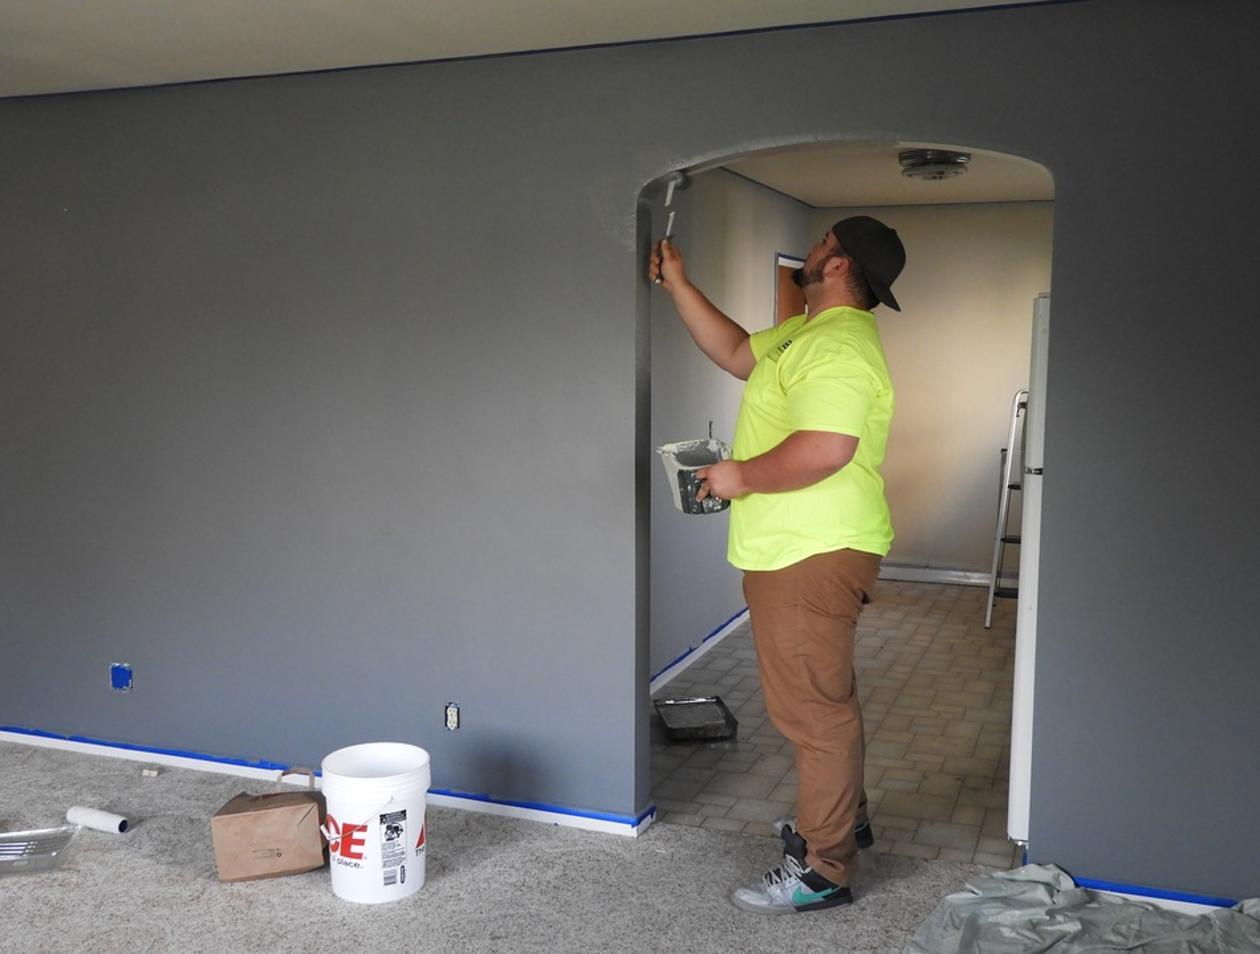 Wohnung Renovieren Was Mieter Beim Auszug Erledigen Müssen Wohnen